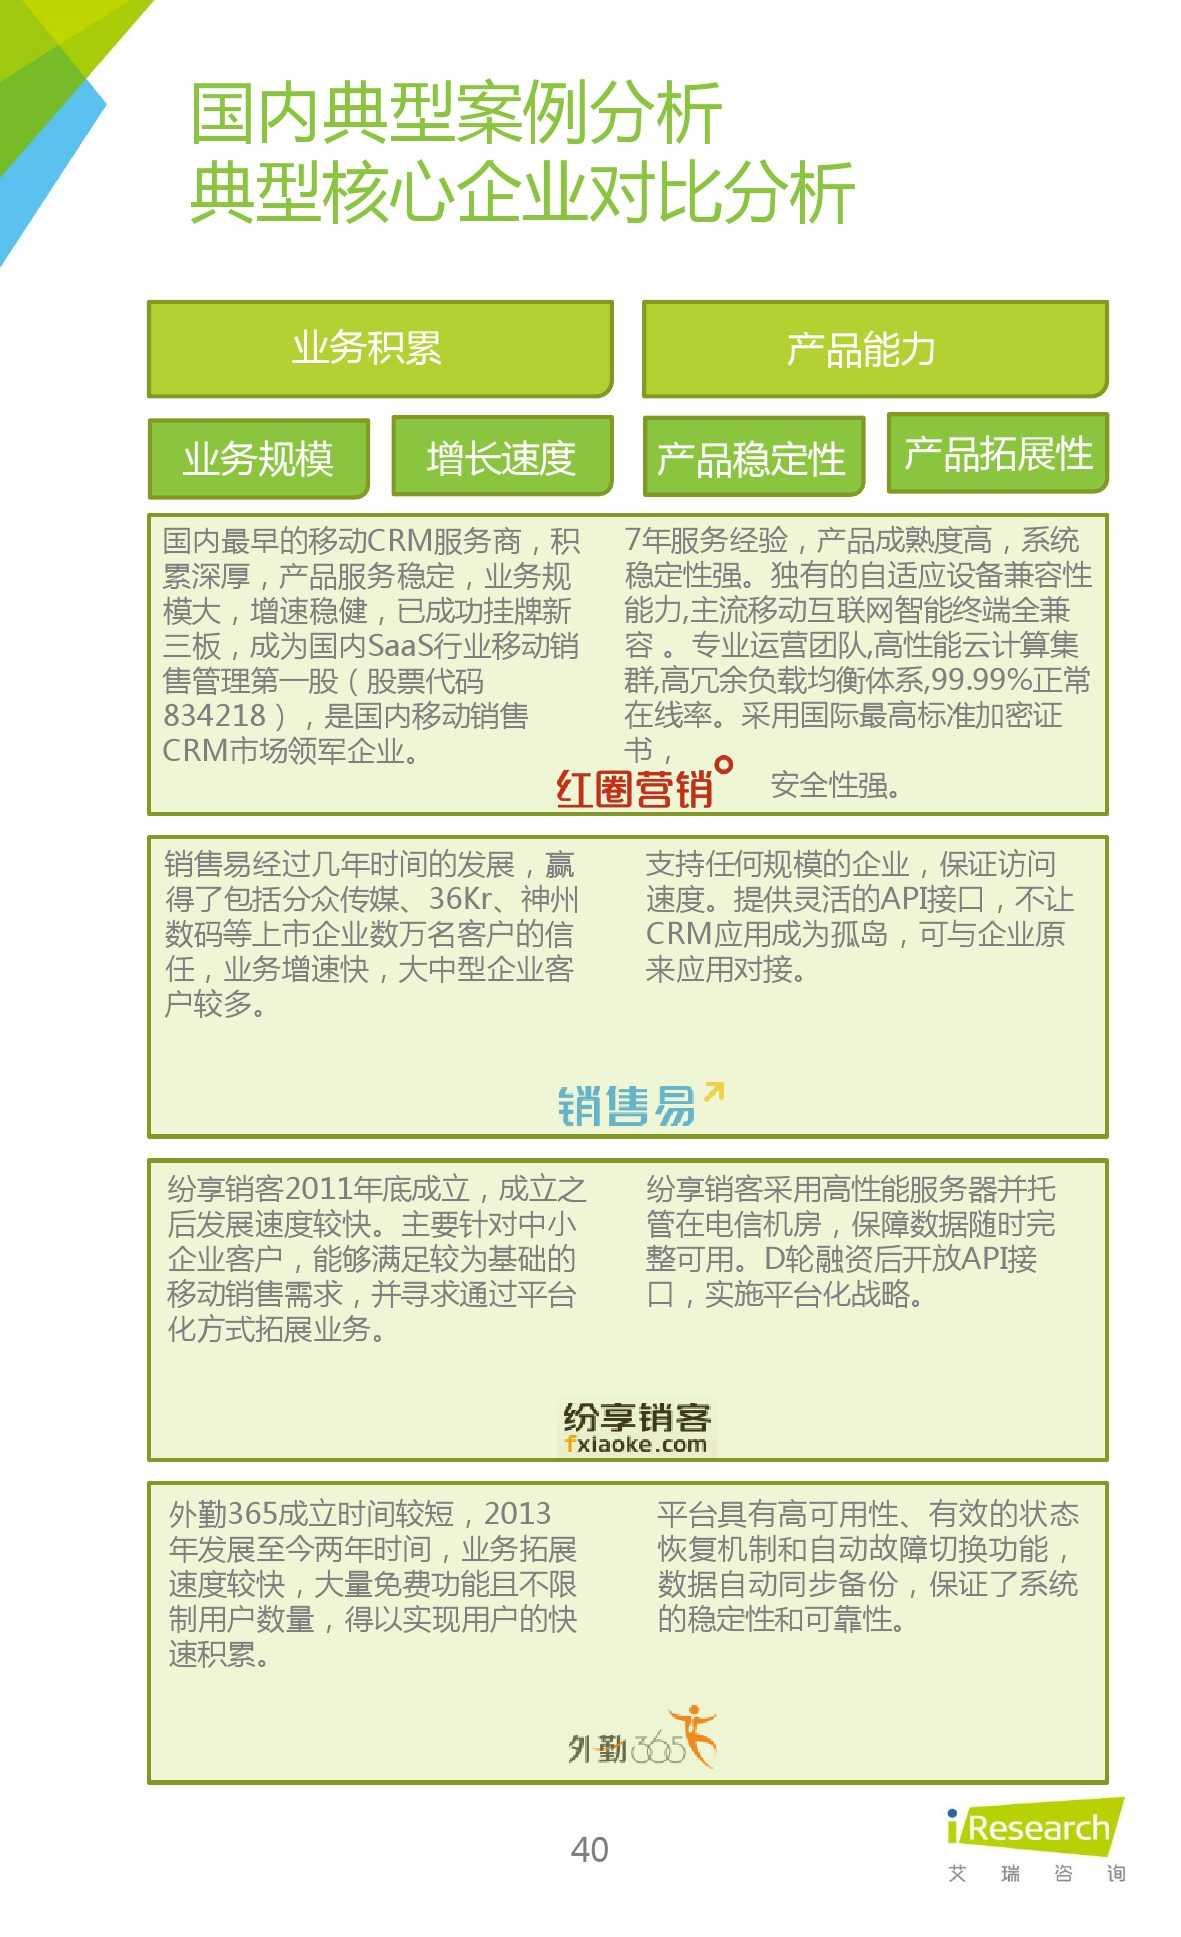 2015年中国移动销售CRM行业研究报告_000040